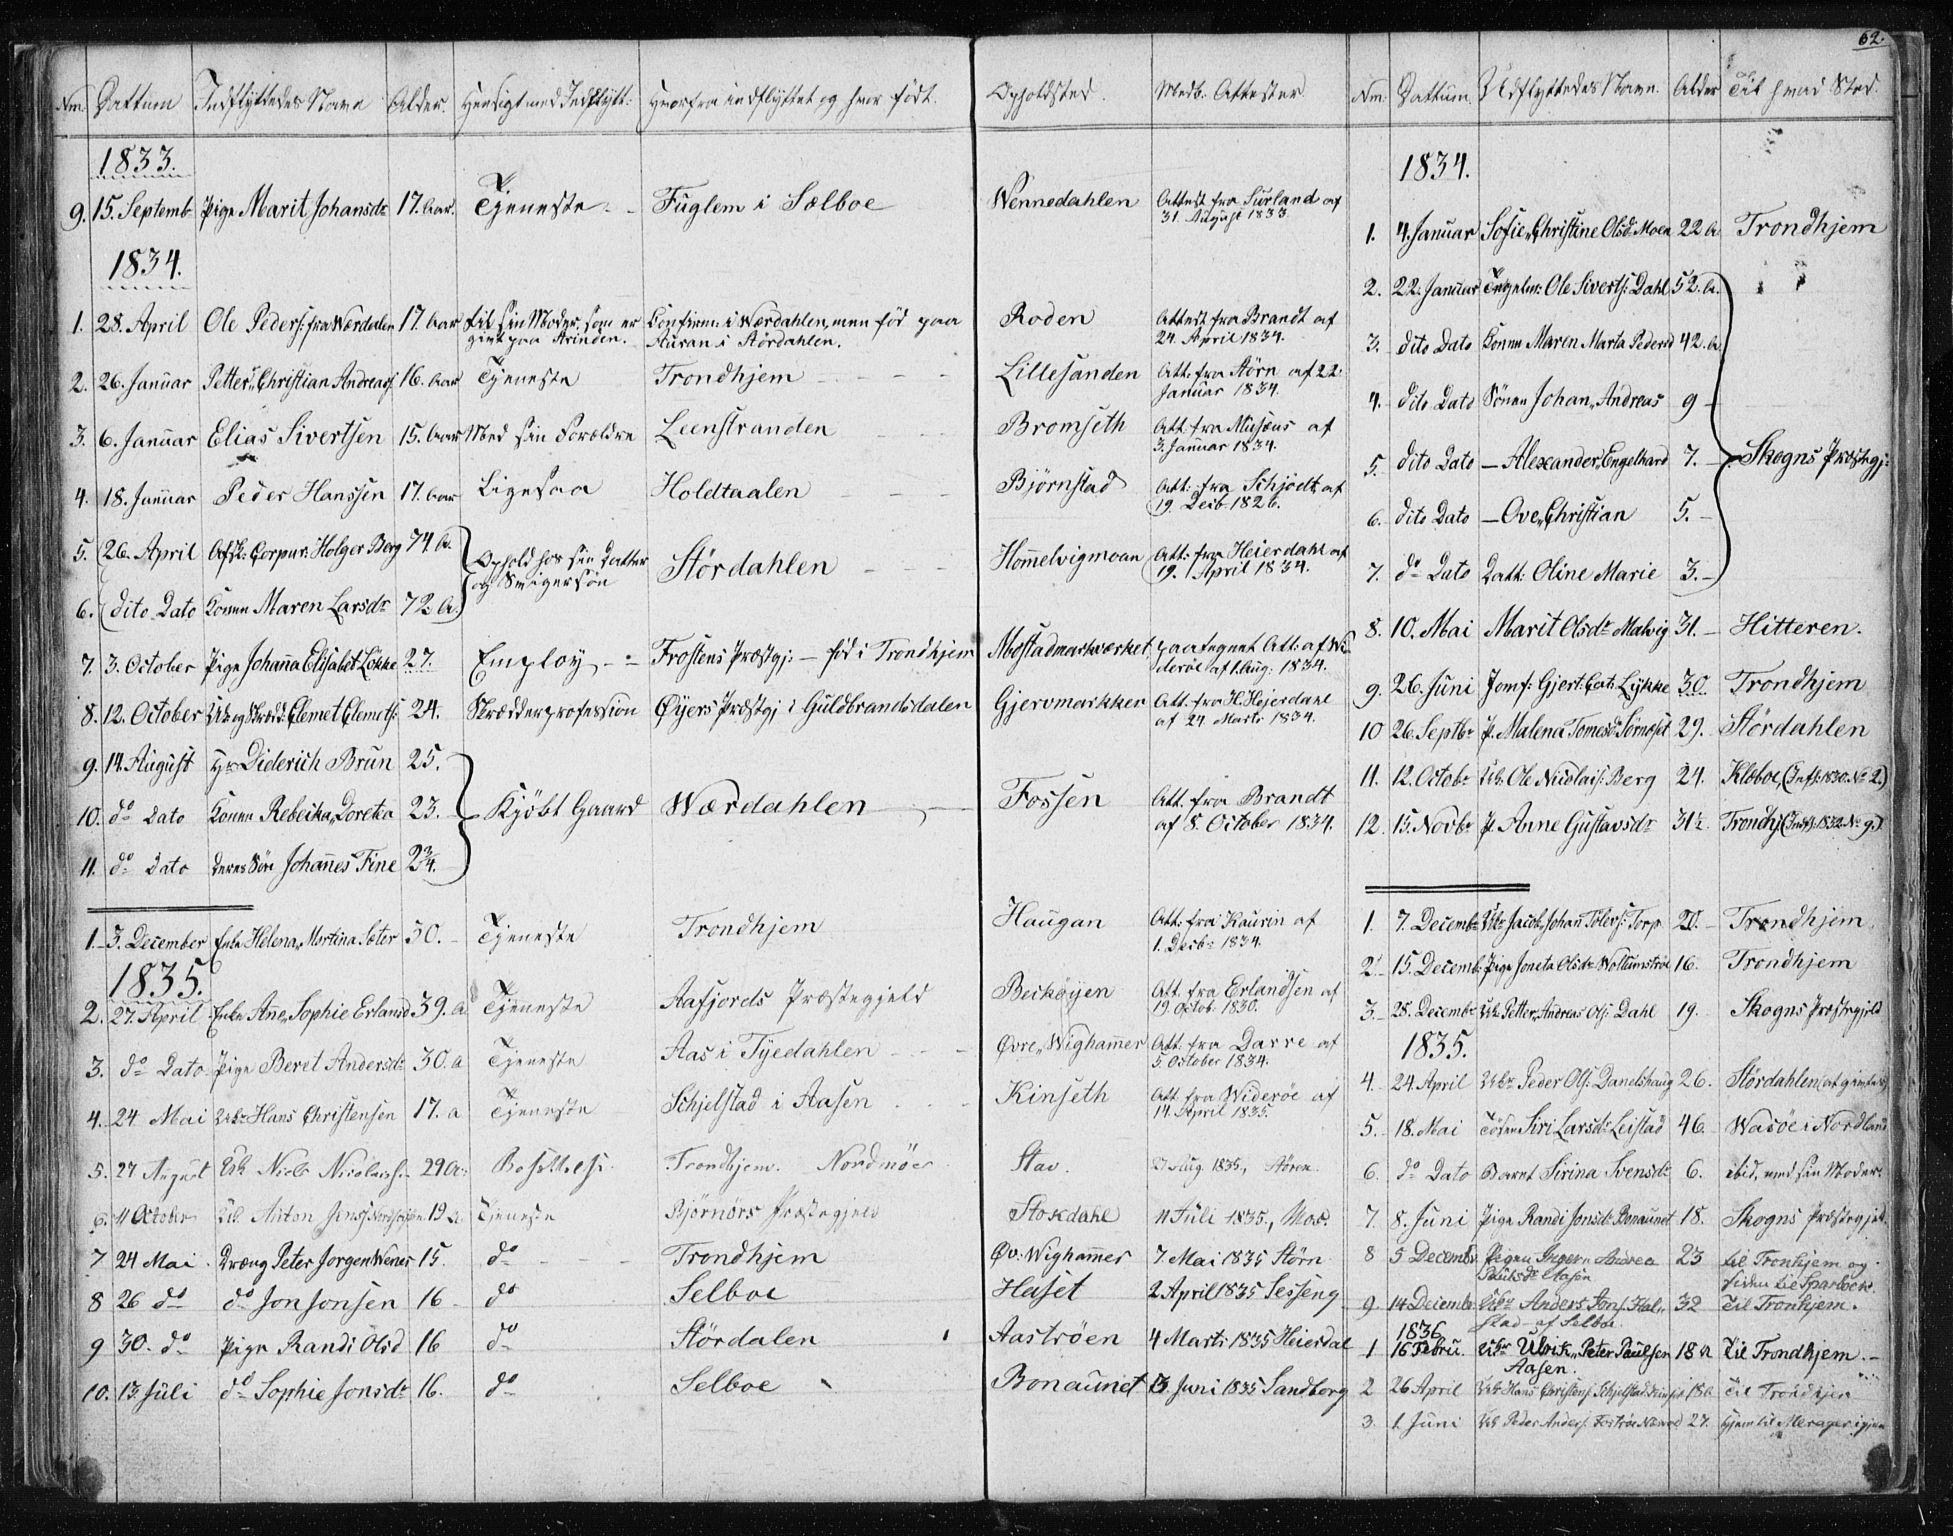 SAT, Ministerialprotokoller, klokkerbøker og fødselsregistre - Sør-Trøndelag, 616/L0405: Ministerialbok nr. 616A02, 1831-1842, s. 62